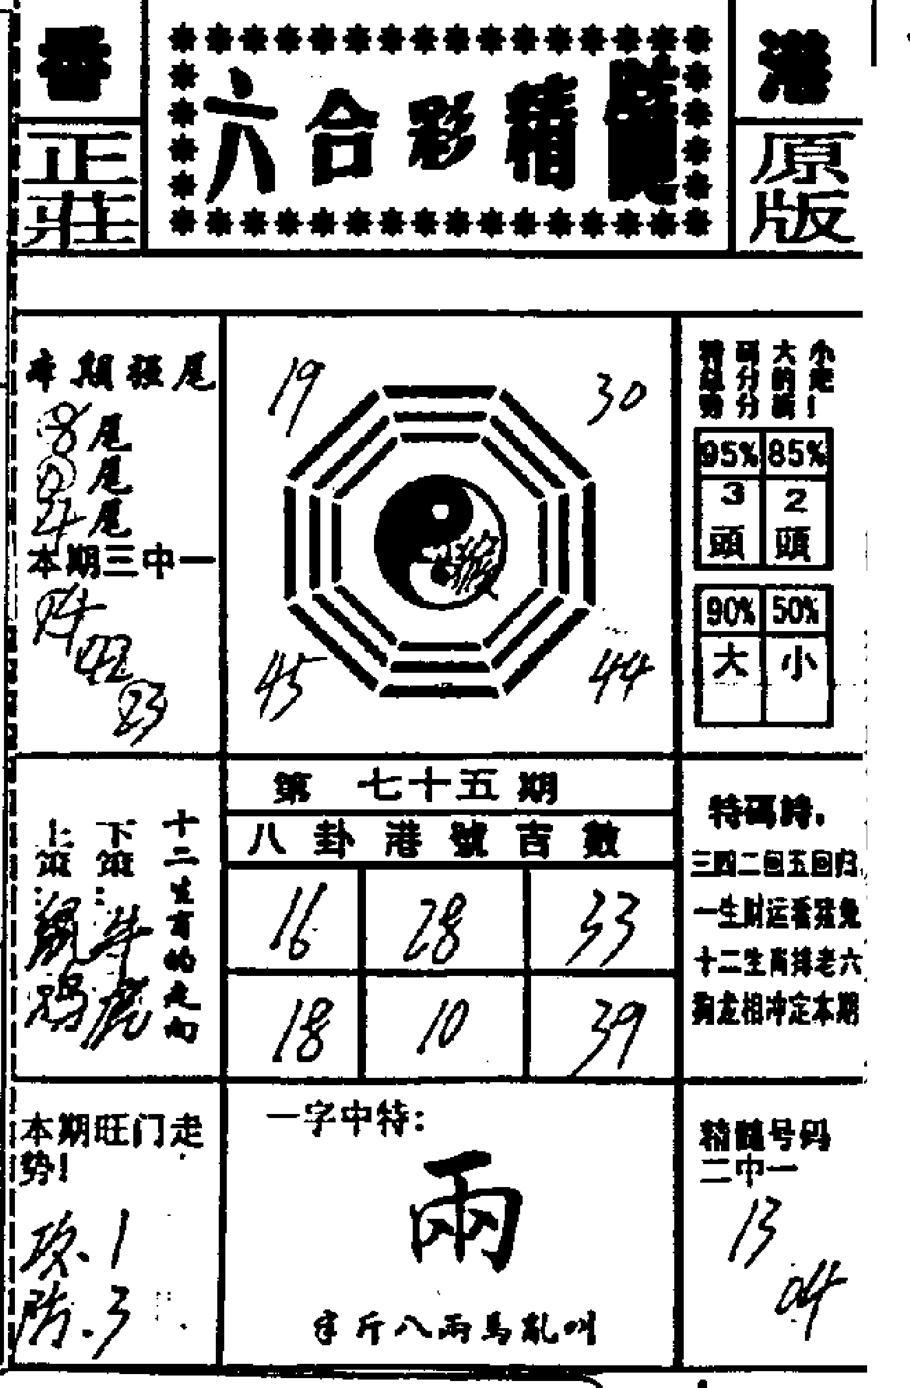 075期六合精髓(黑白)